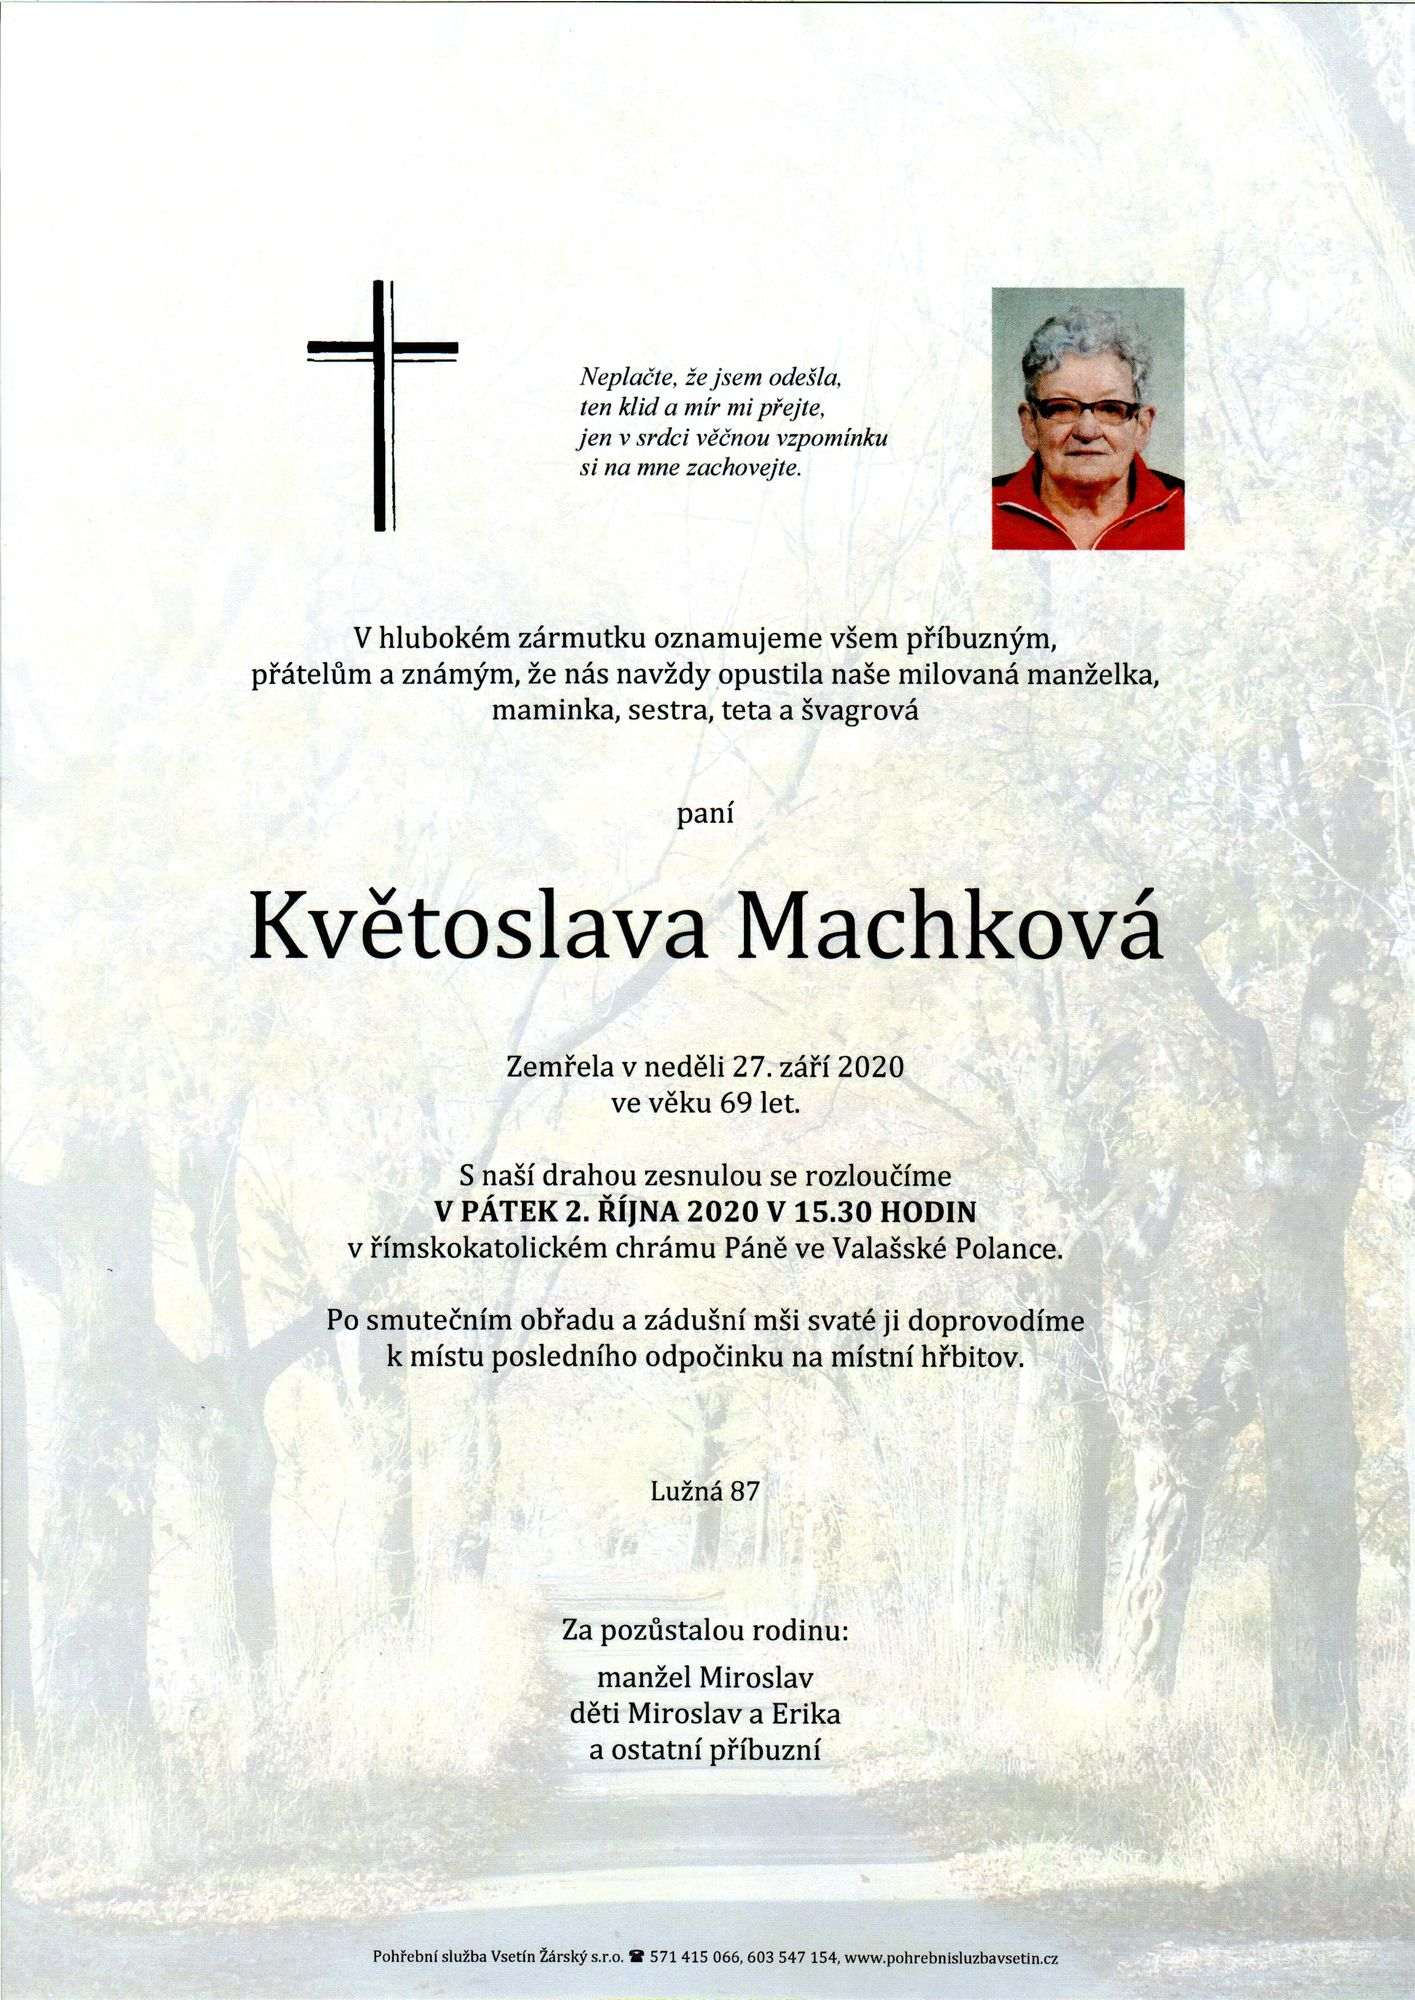 Květoslava Machková